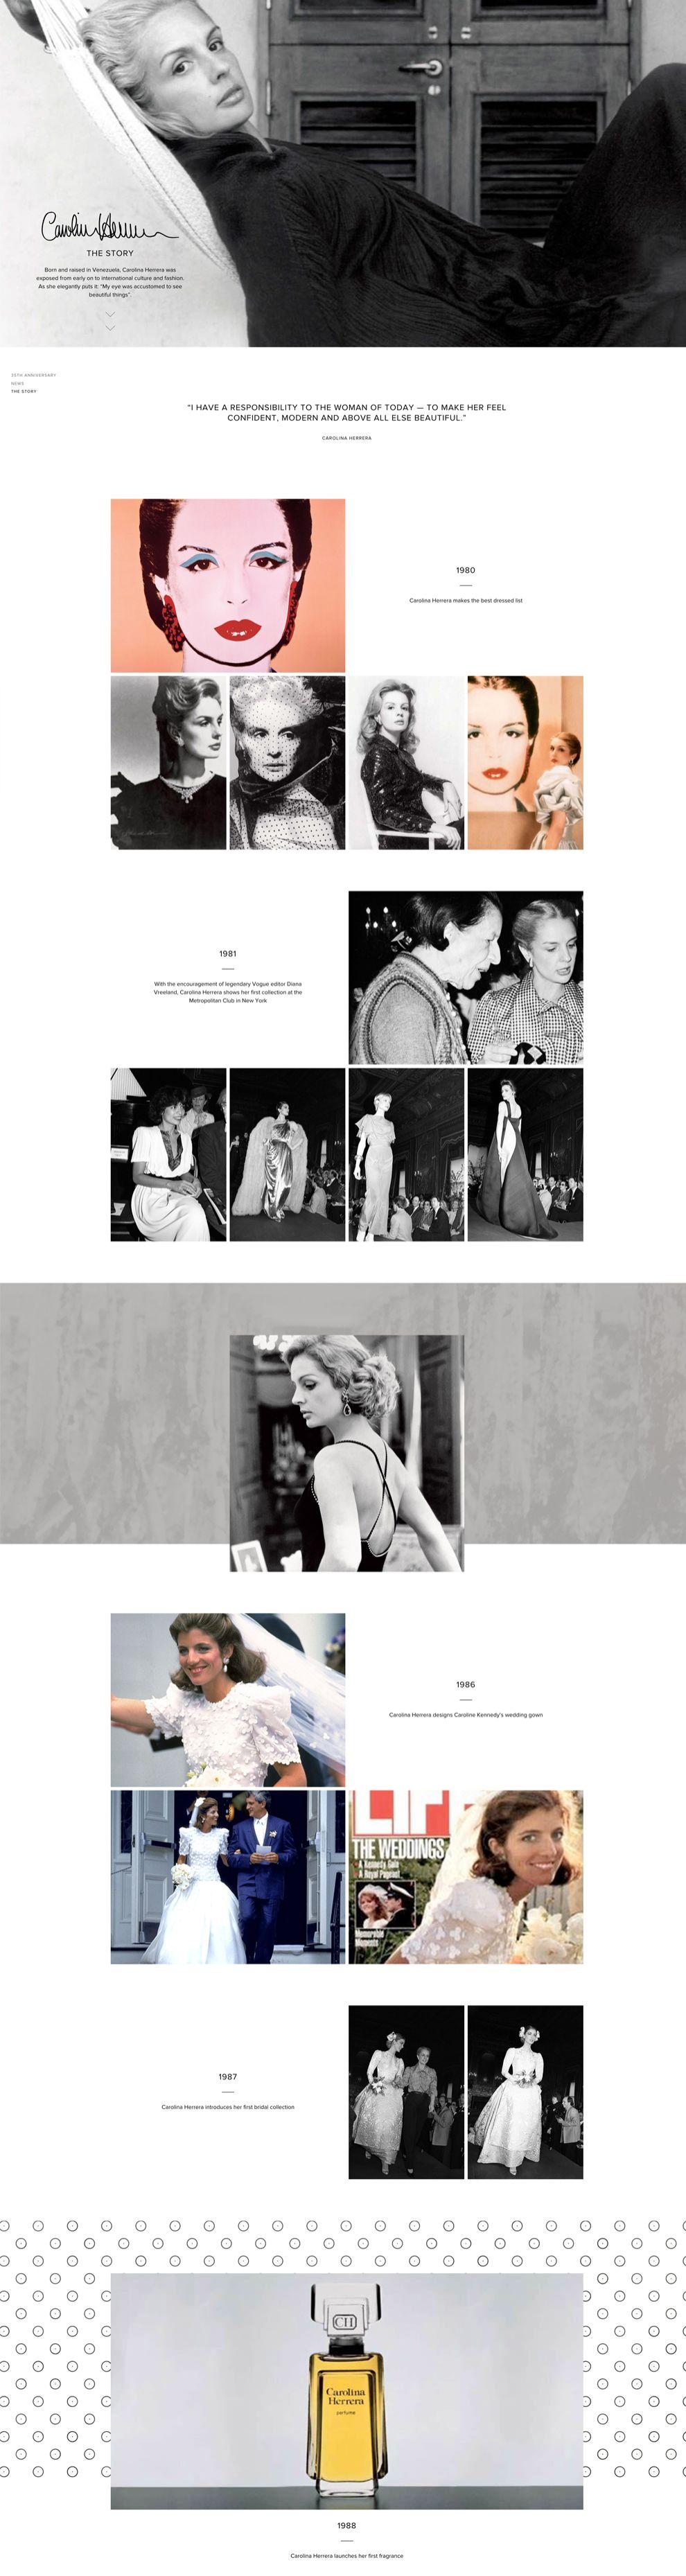 Carolina Herrera Elegant About Page